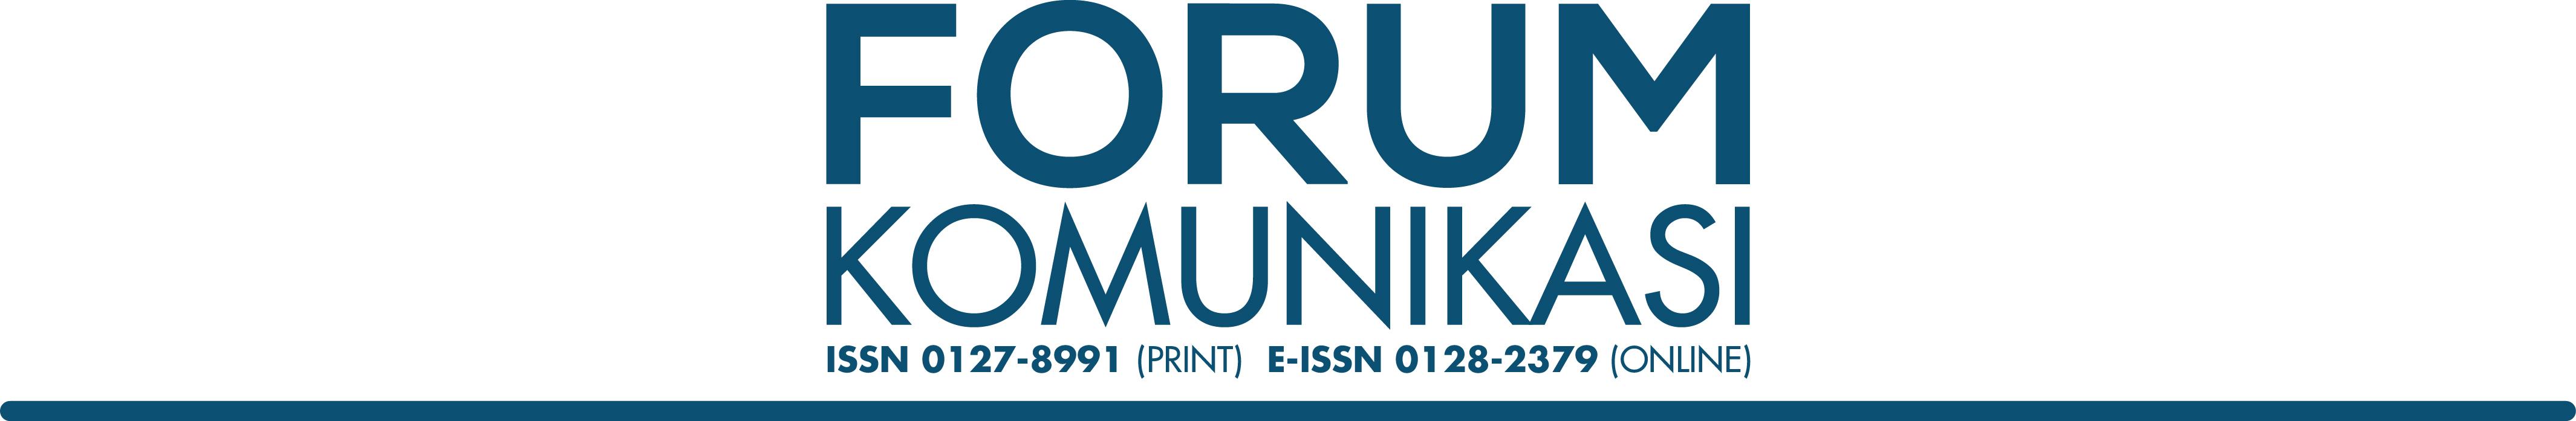 Forum Komunikasi FKPM